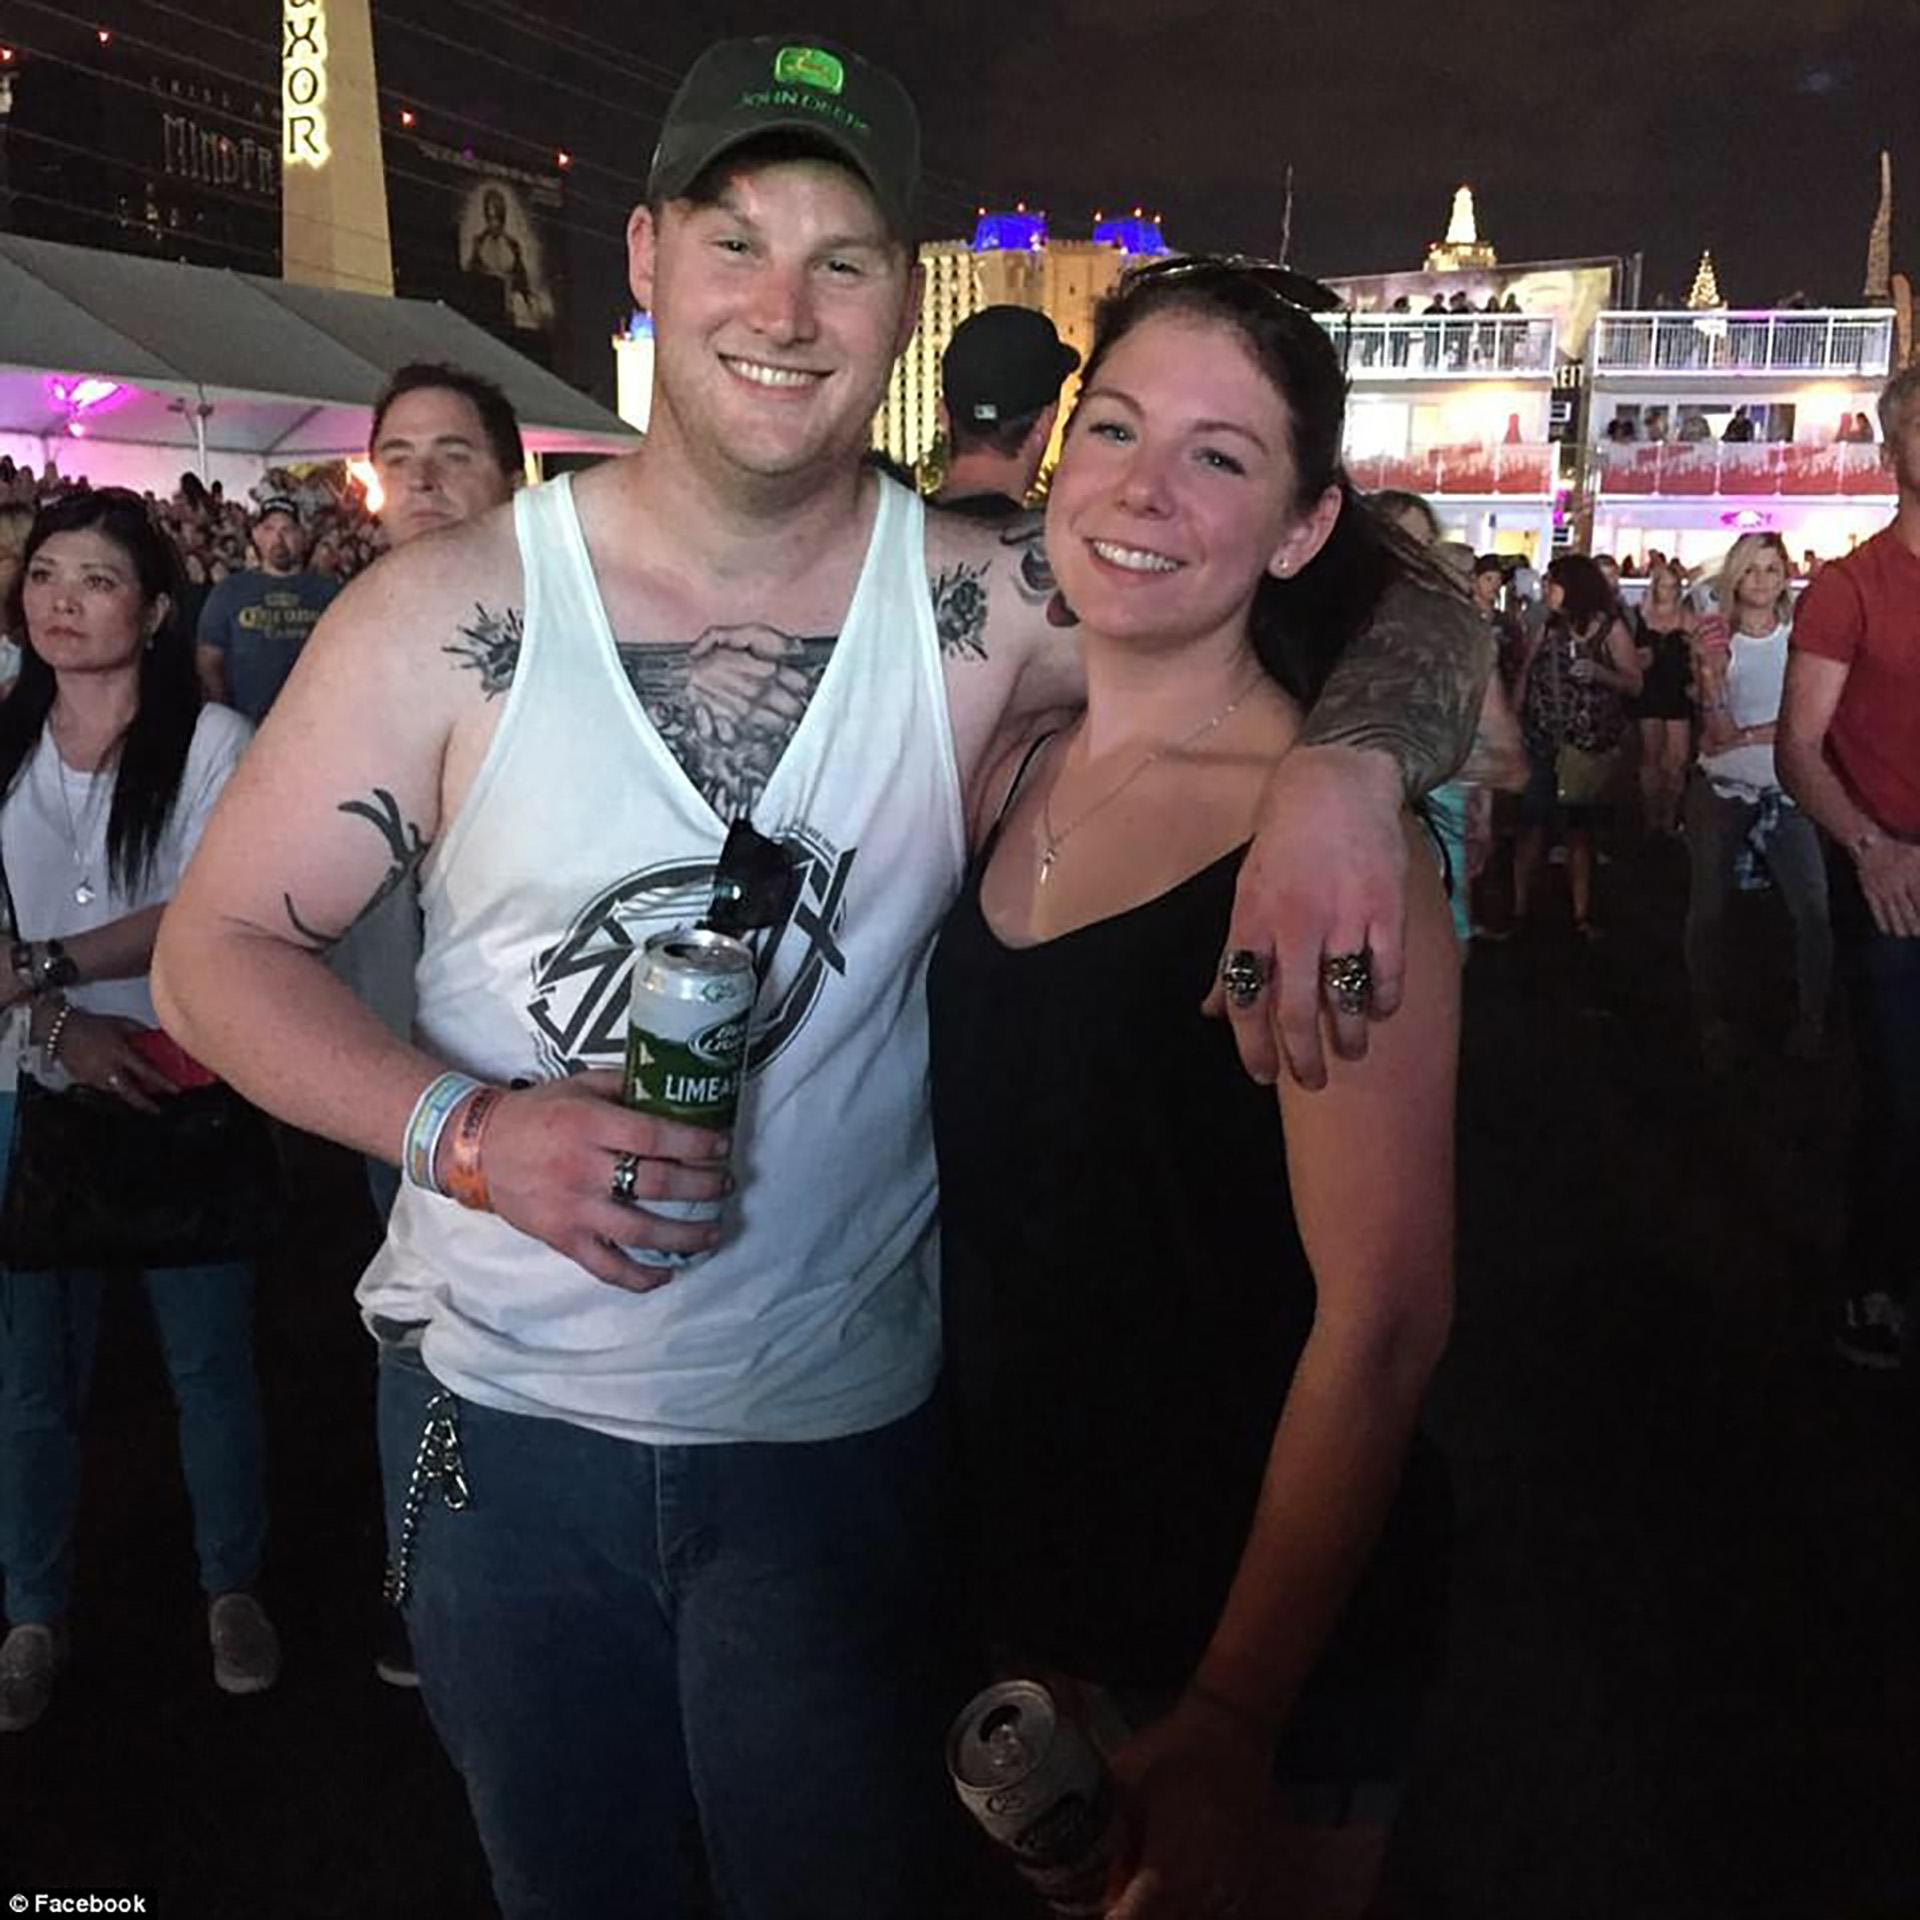 Jordan McIldoon (izquierda) murió en brazos de Heather Gooze